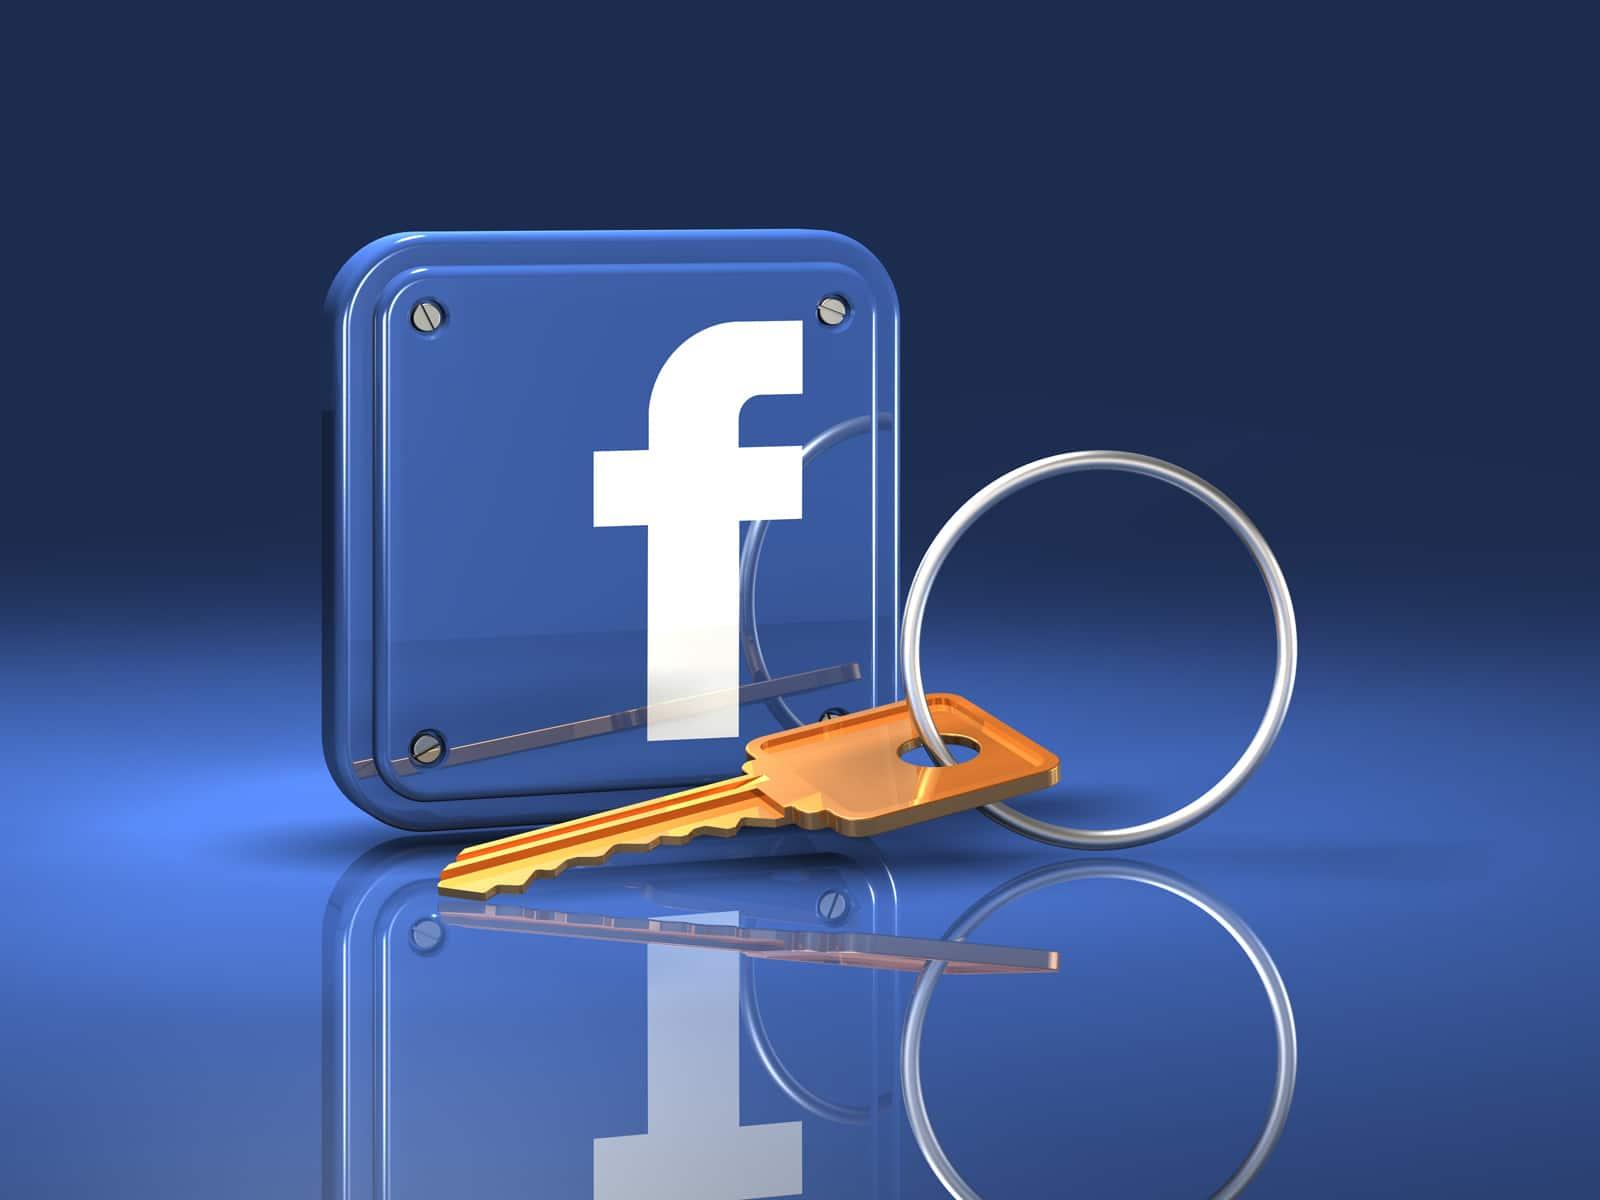 voir les photos priv es sur facebook sans tre ami facepriv. Black Bedroom Furniture Sets. Home Design Ideas